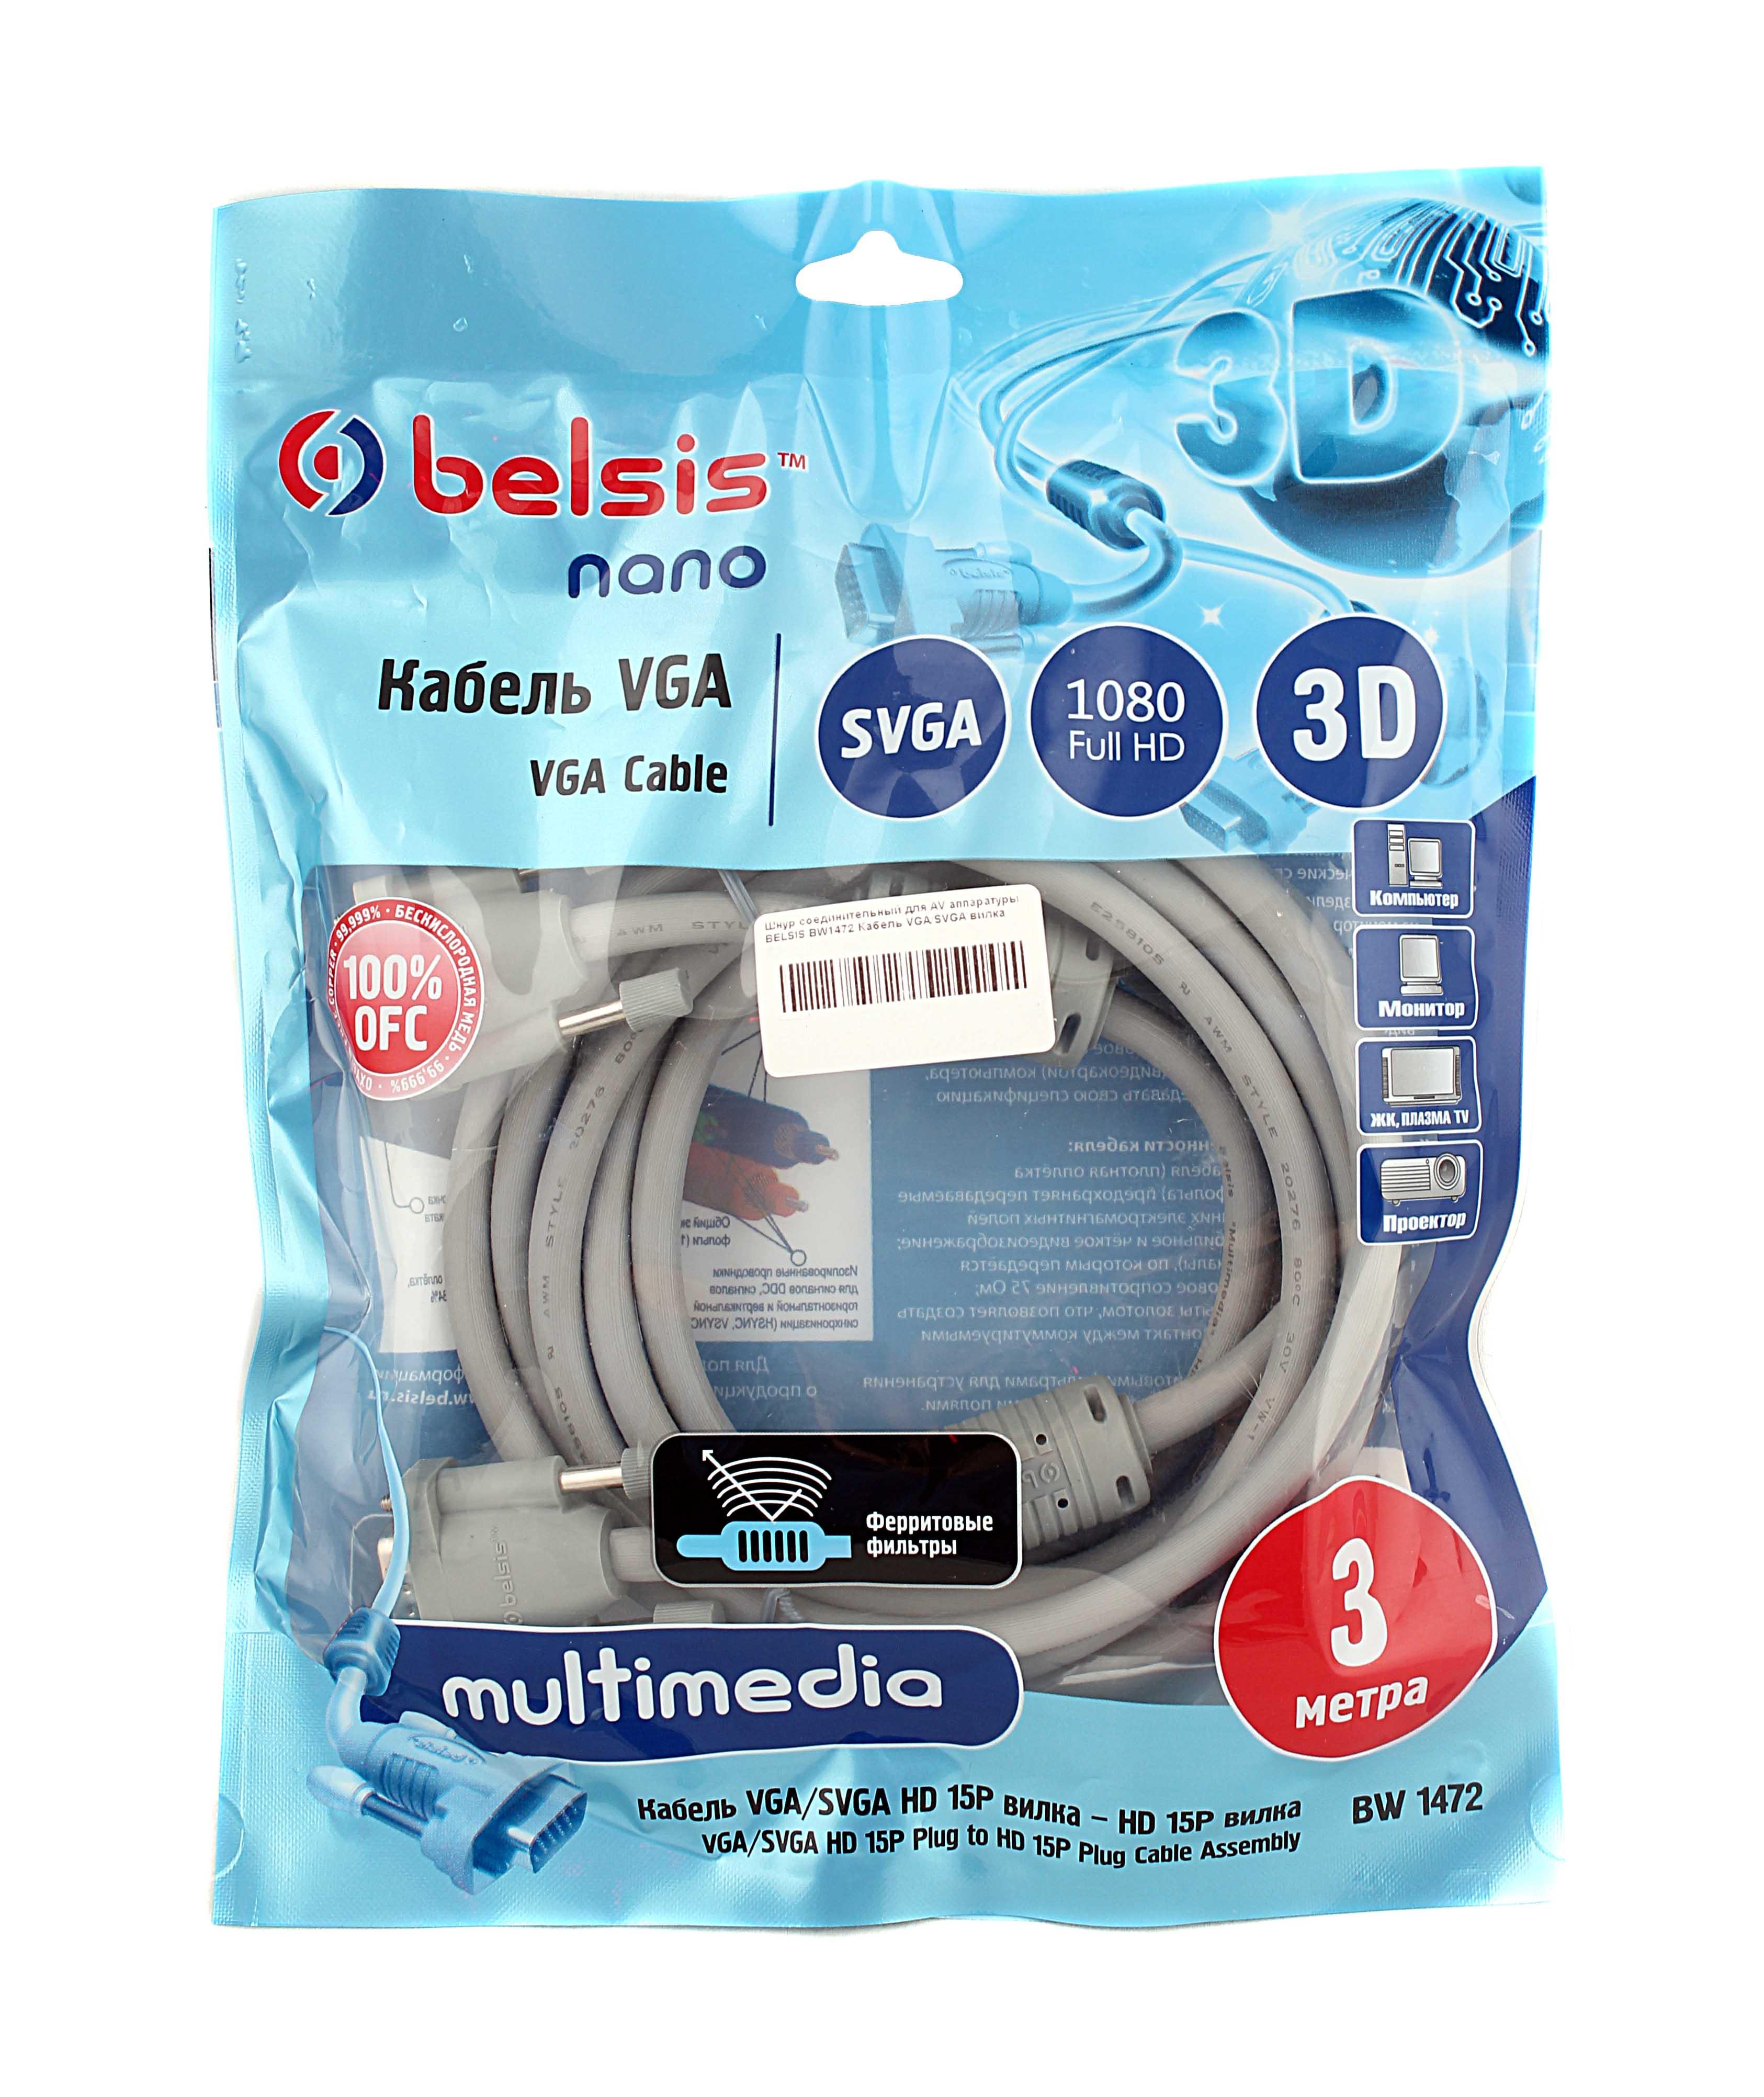 Видео кабель Belsis bw 1472 кабель vga/svga вилка 3м